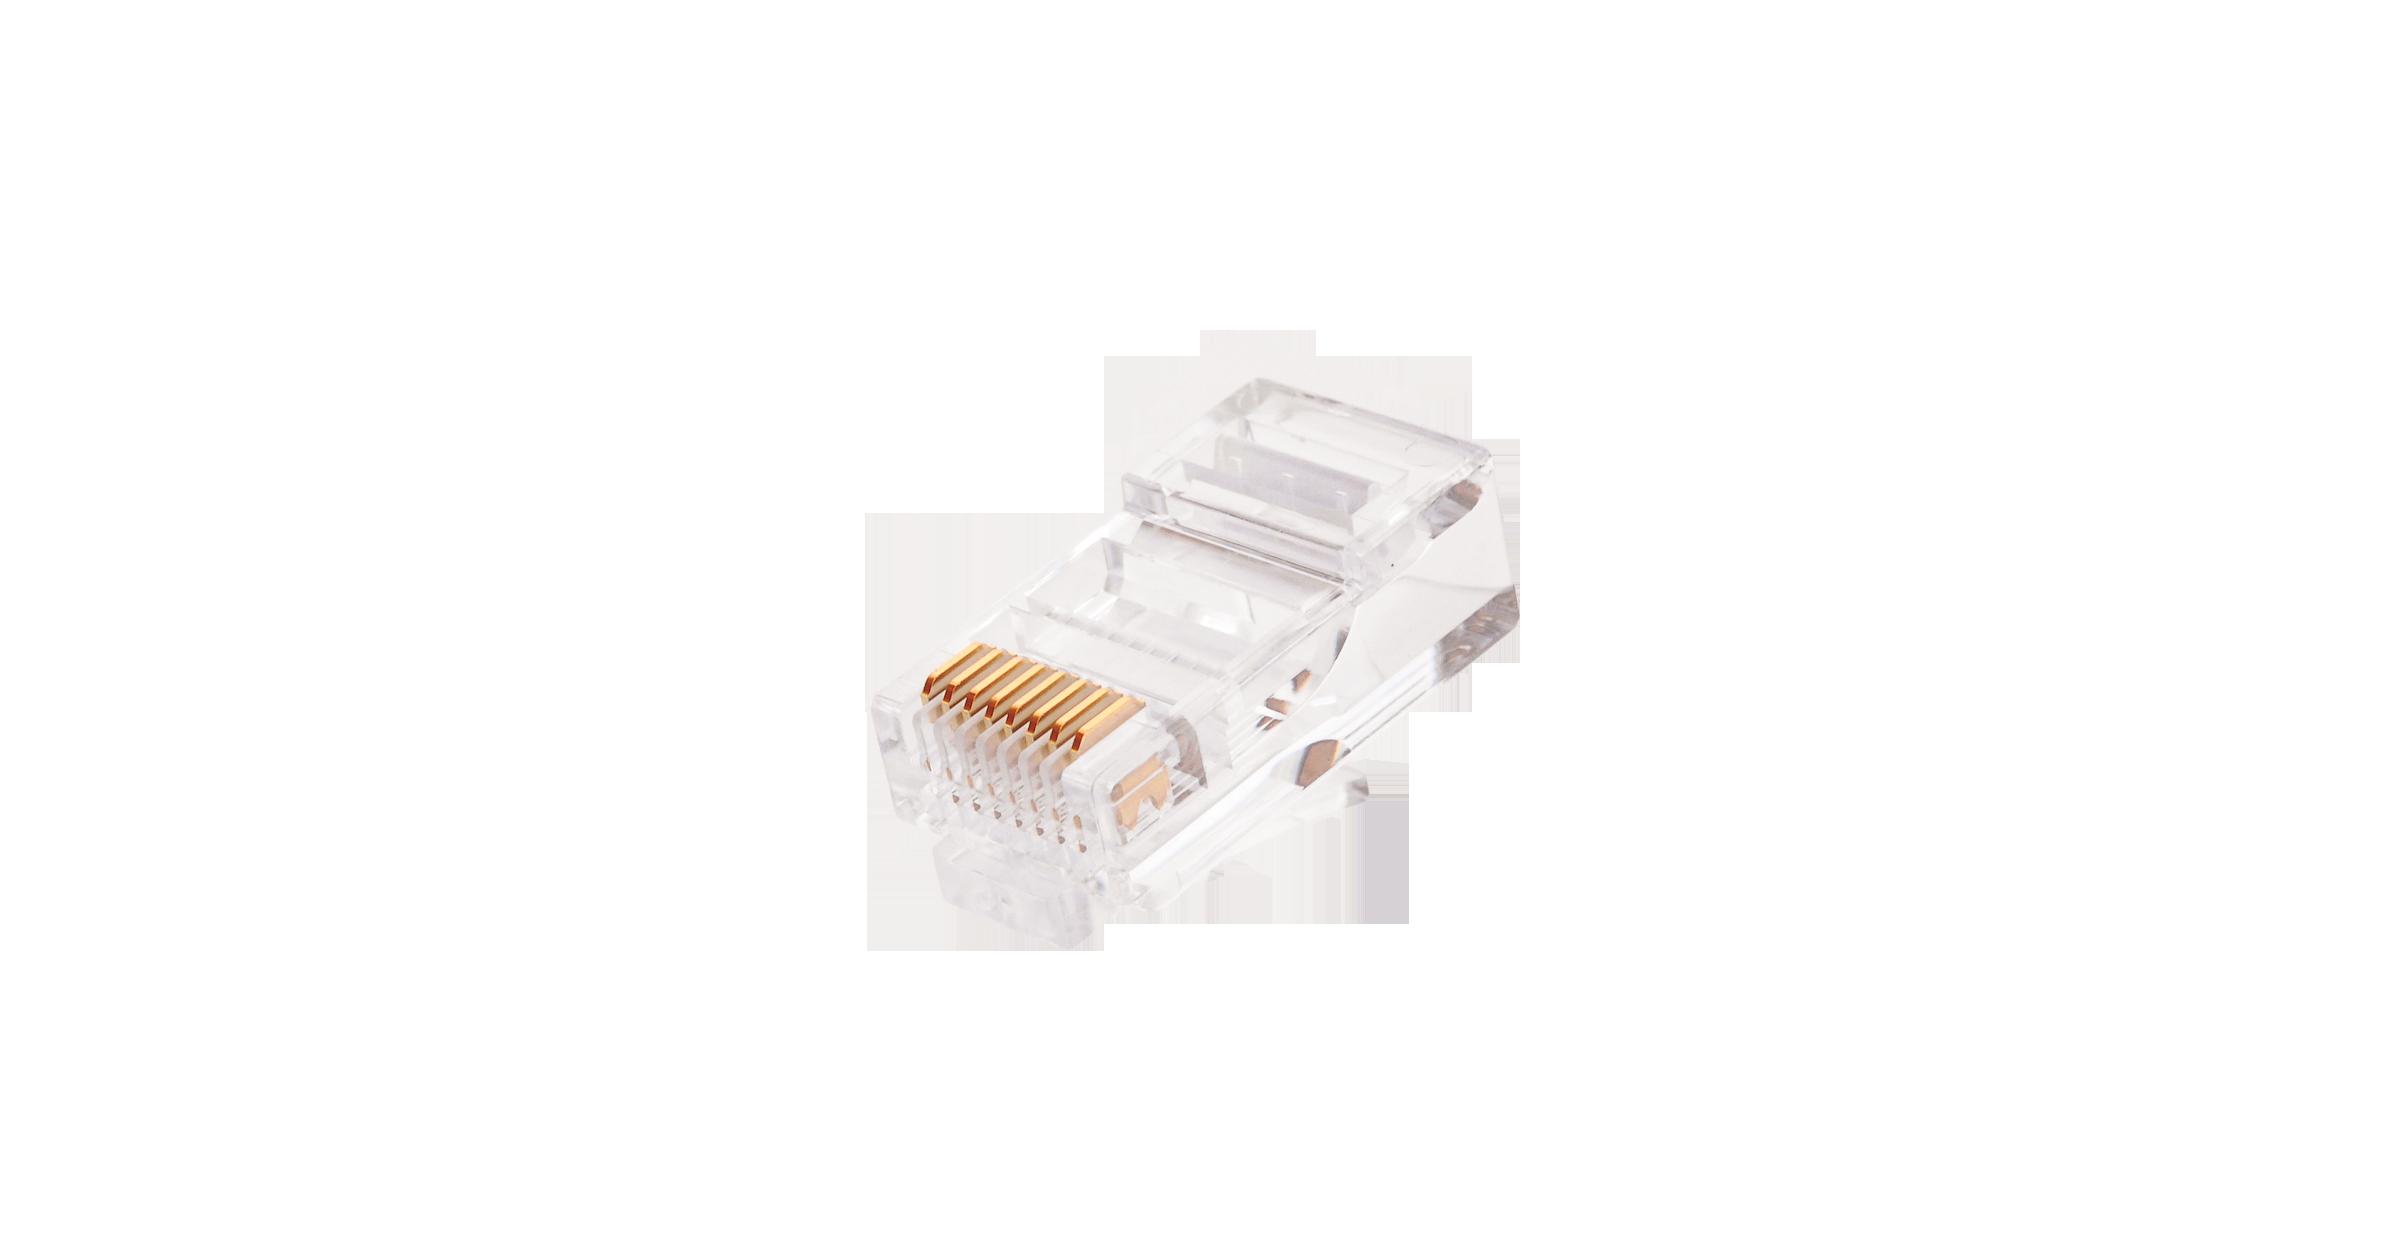 Коннектор NIKOMAX RJ45/8P8C под витую пару, Кат.5e (Класс D), 100МГц, покрытие 6мкд, под многожильный кабель, неэкранированный, уп-ка 100шт.